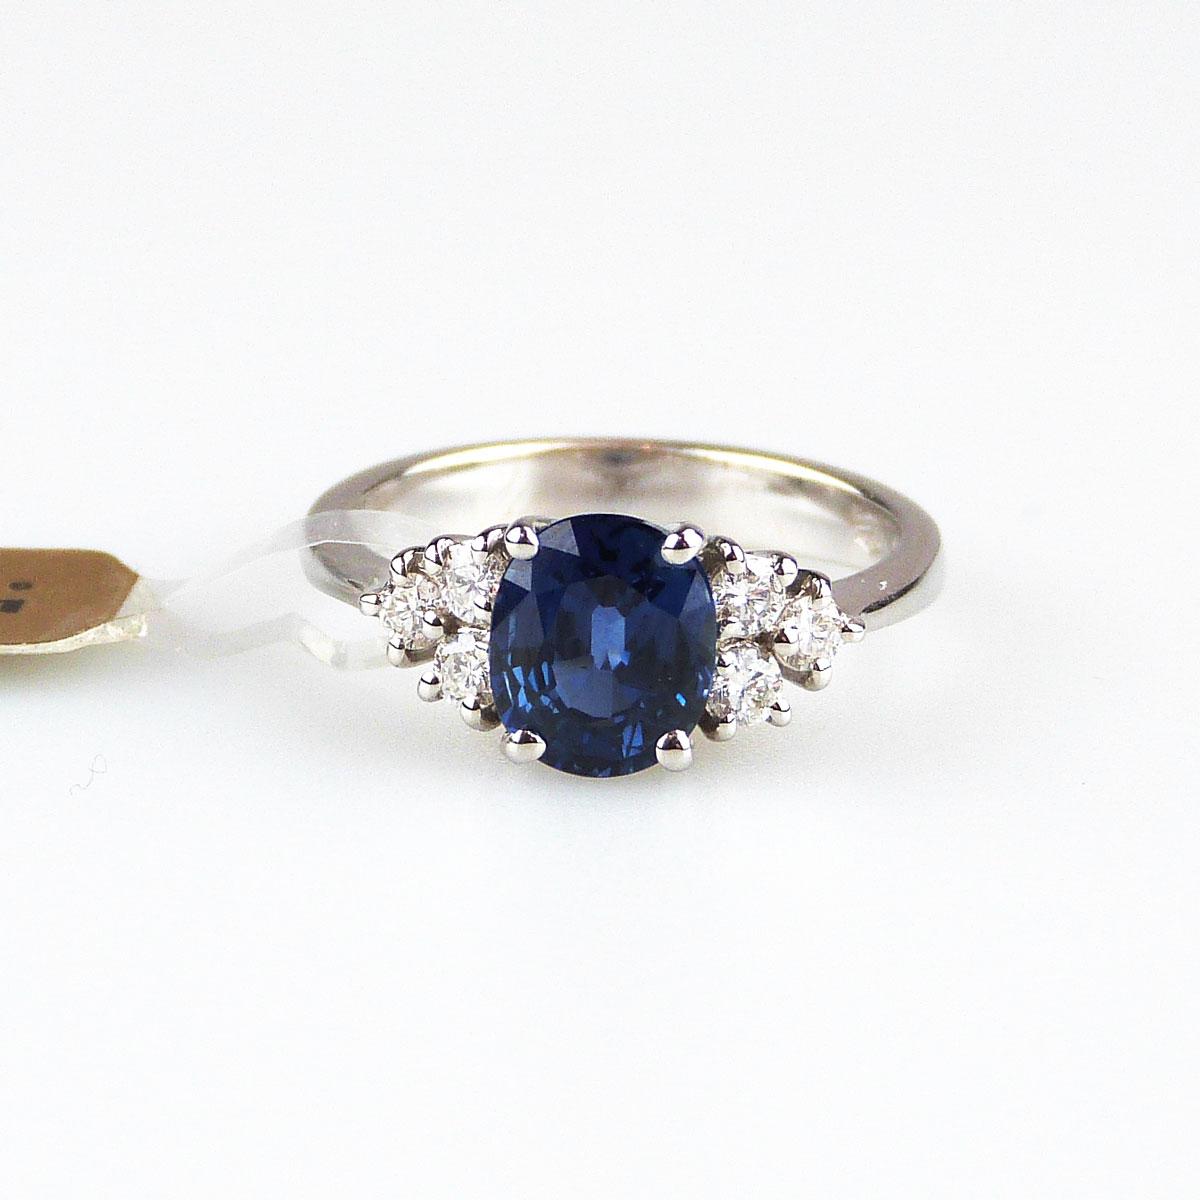 più recente d4c07 f0623 Anello in Oro Bianco con Zaffiro e Diamanti